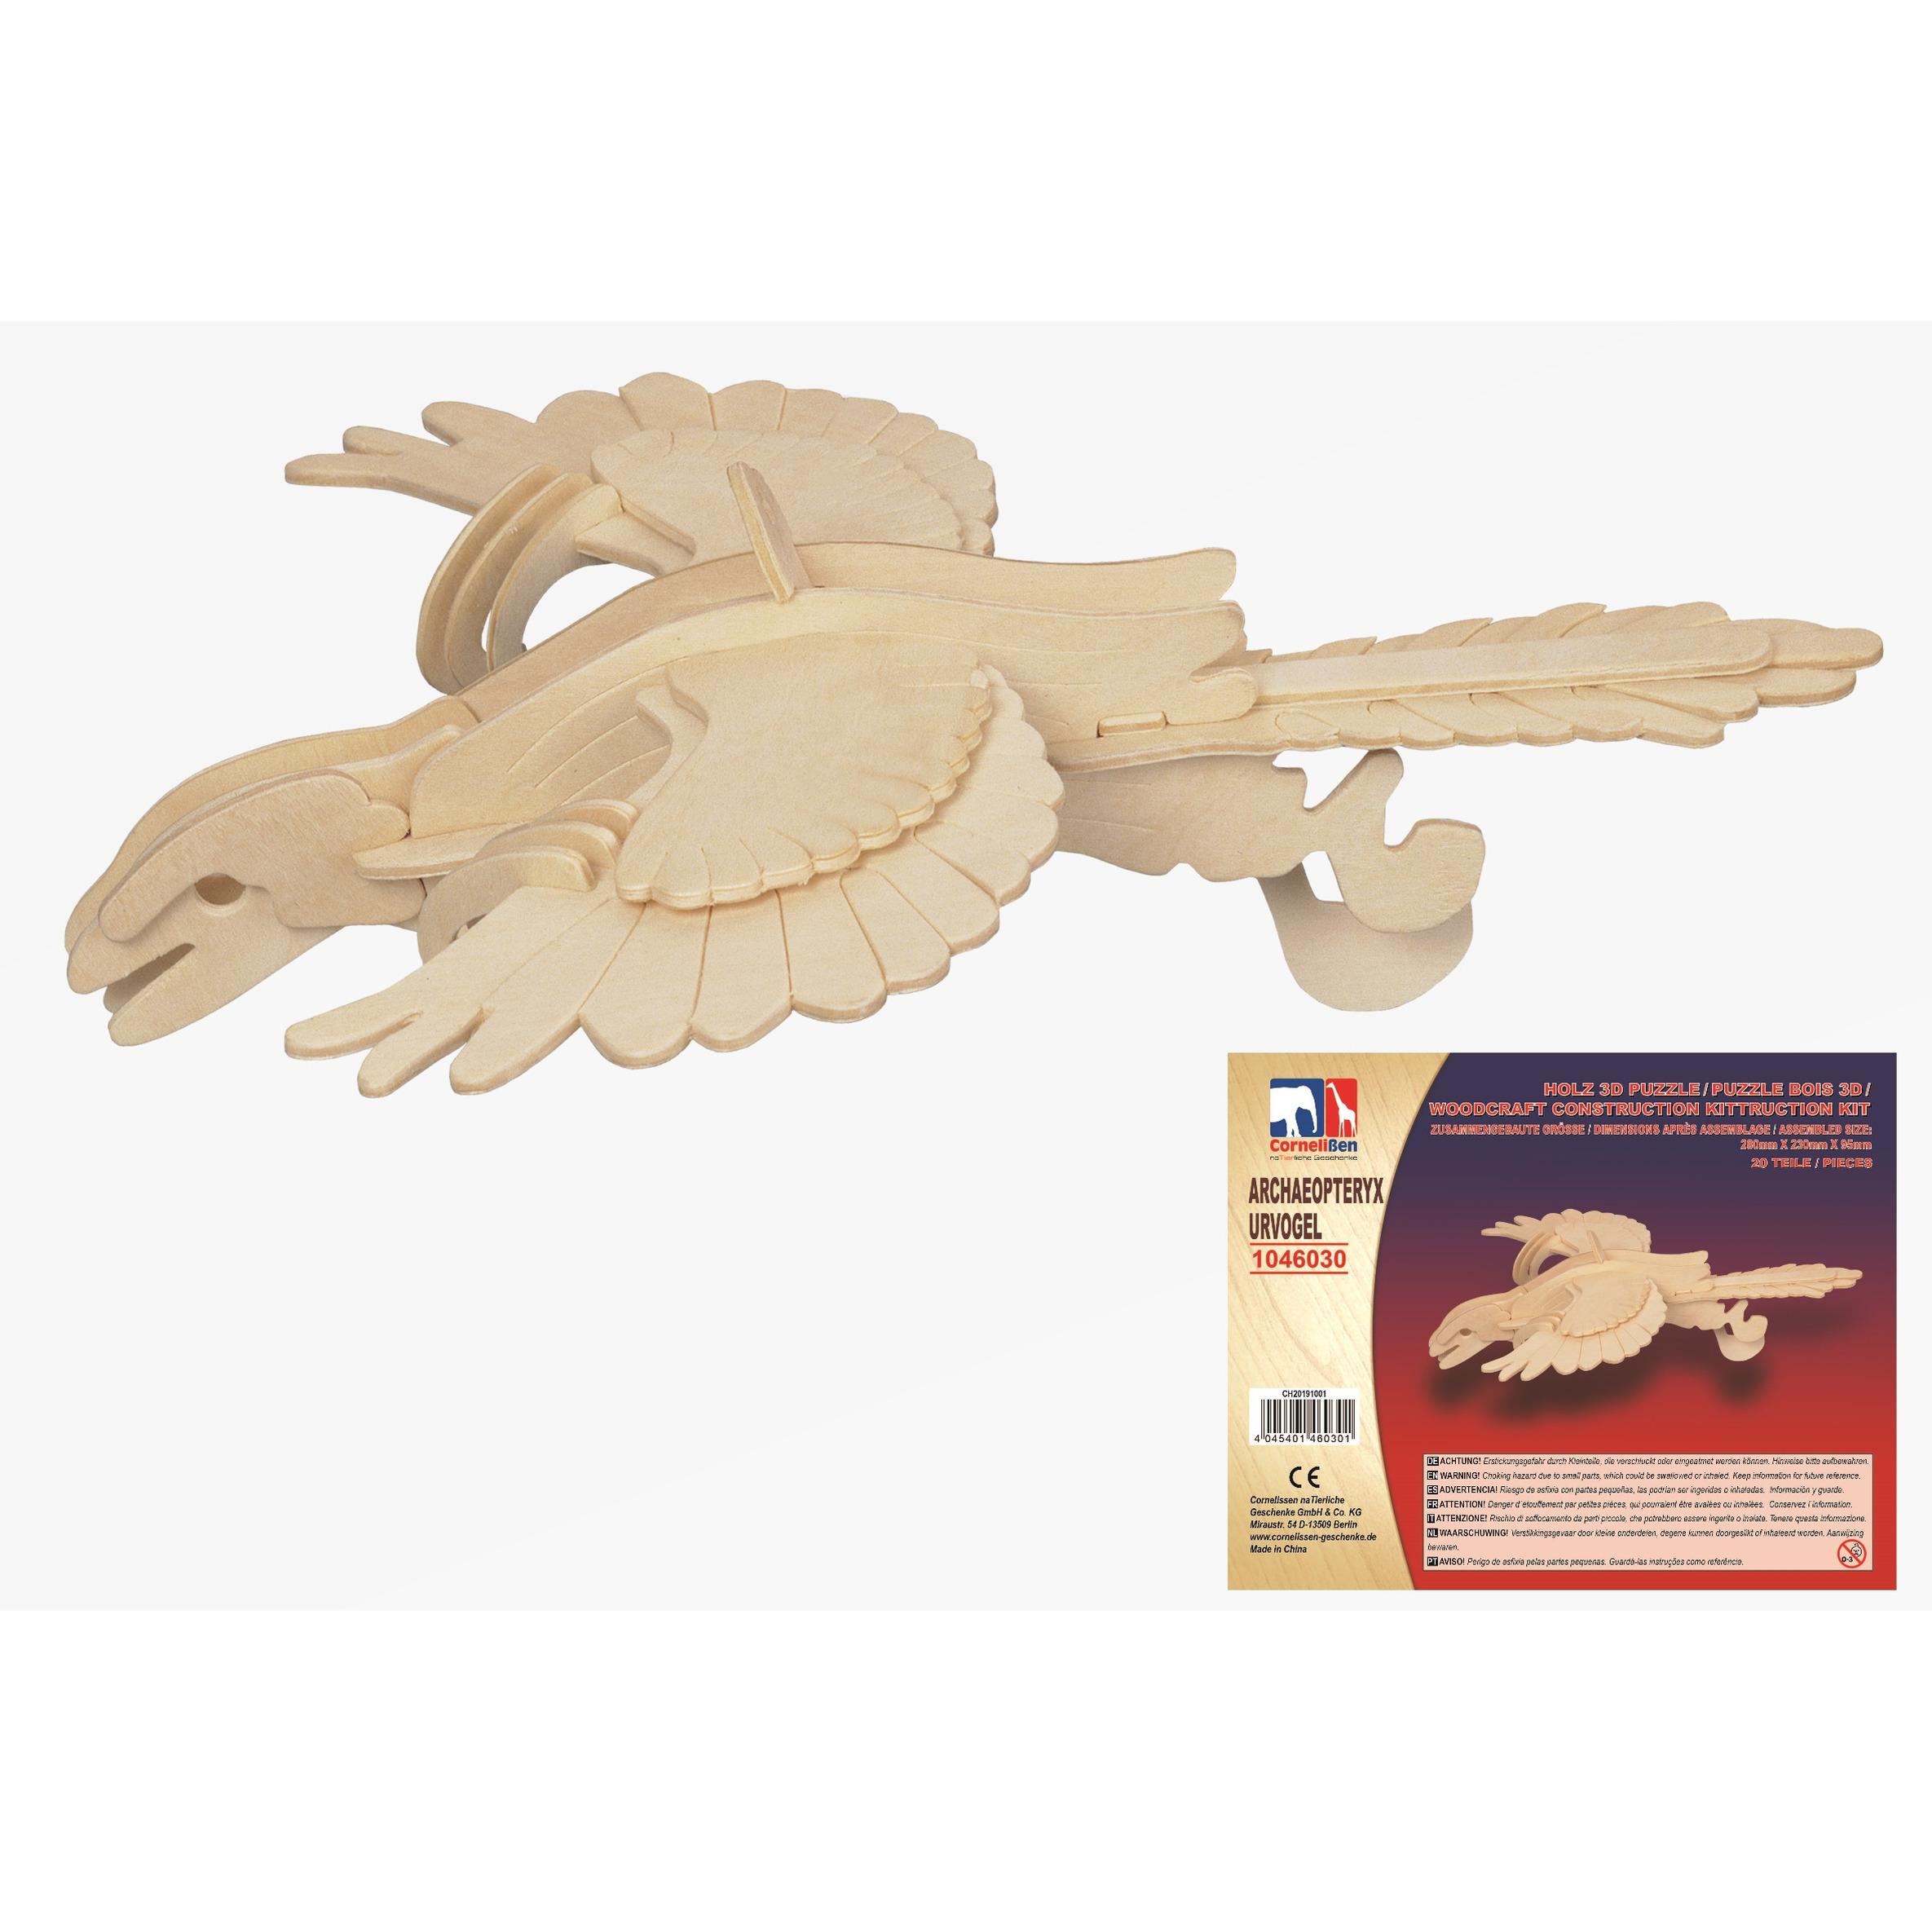 Houten 3D puzzel Archaeopteryx dinosaurus 28 cm